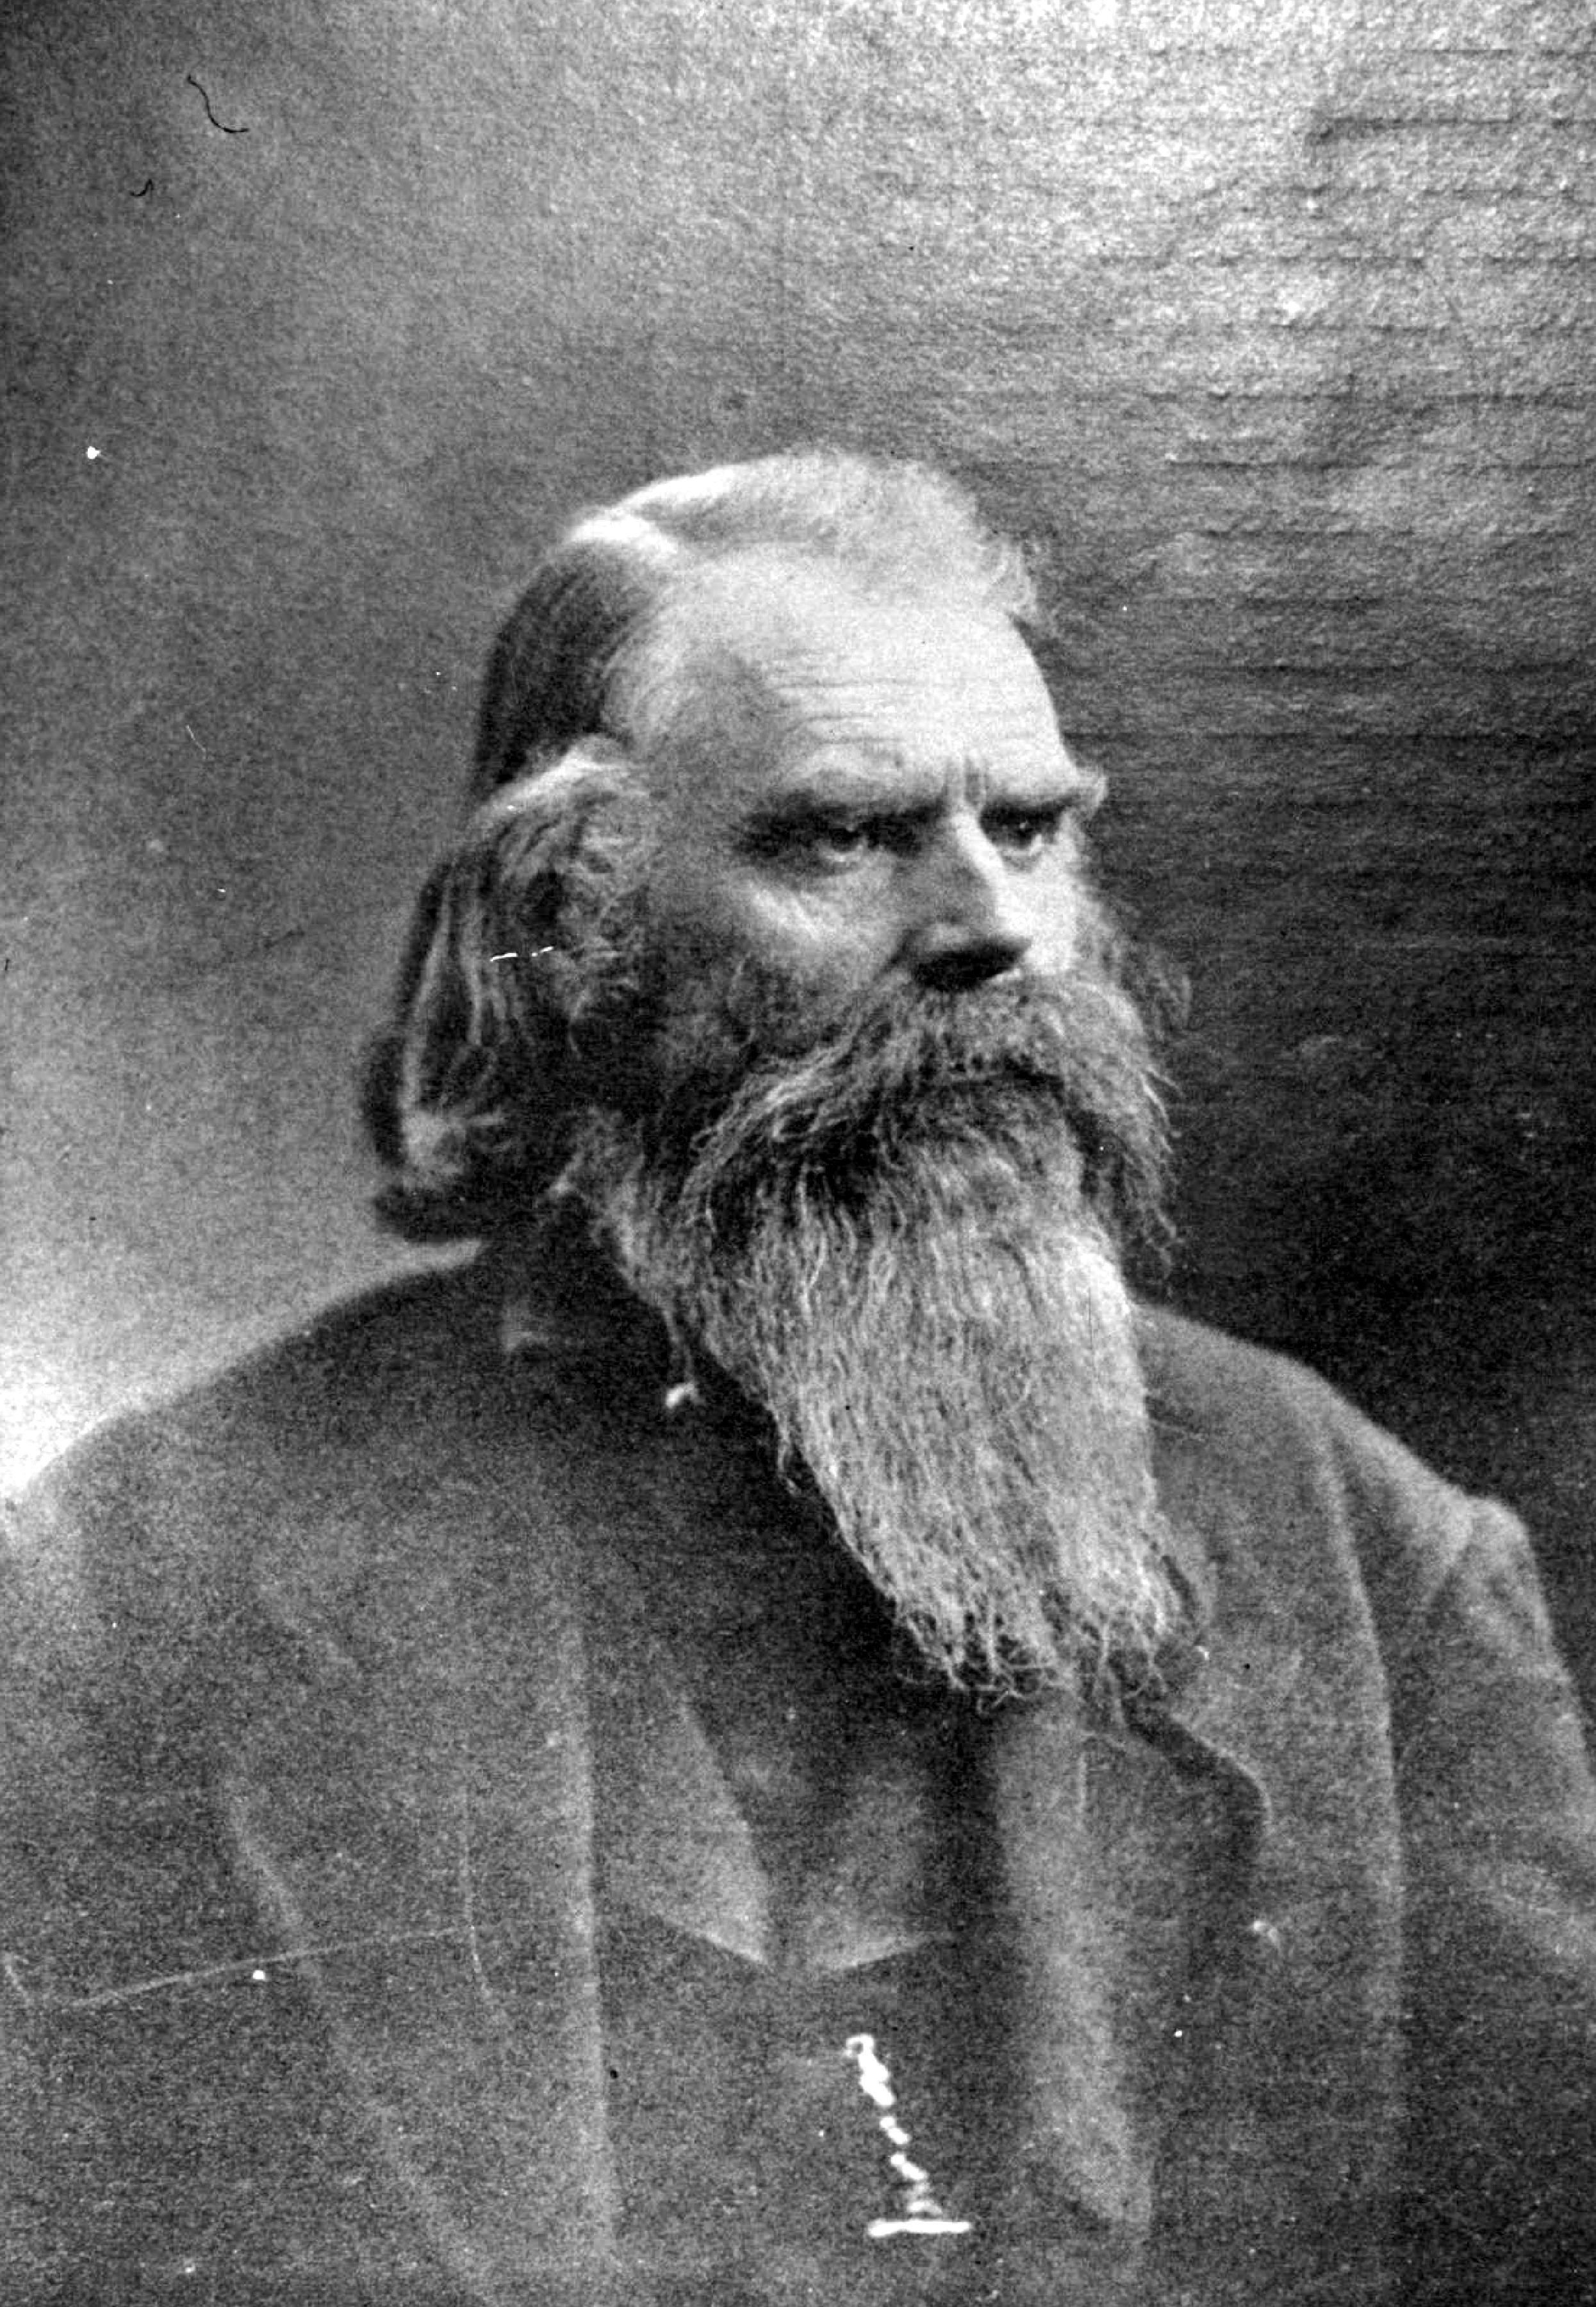 John H. Stevens